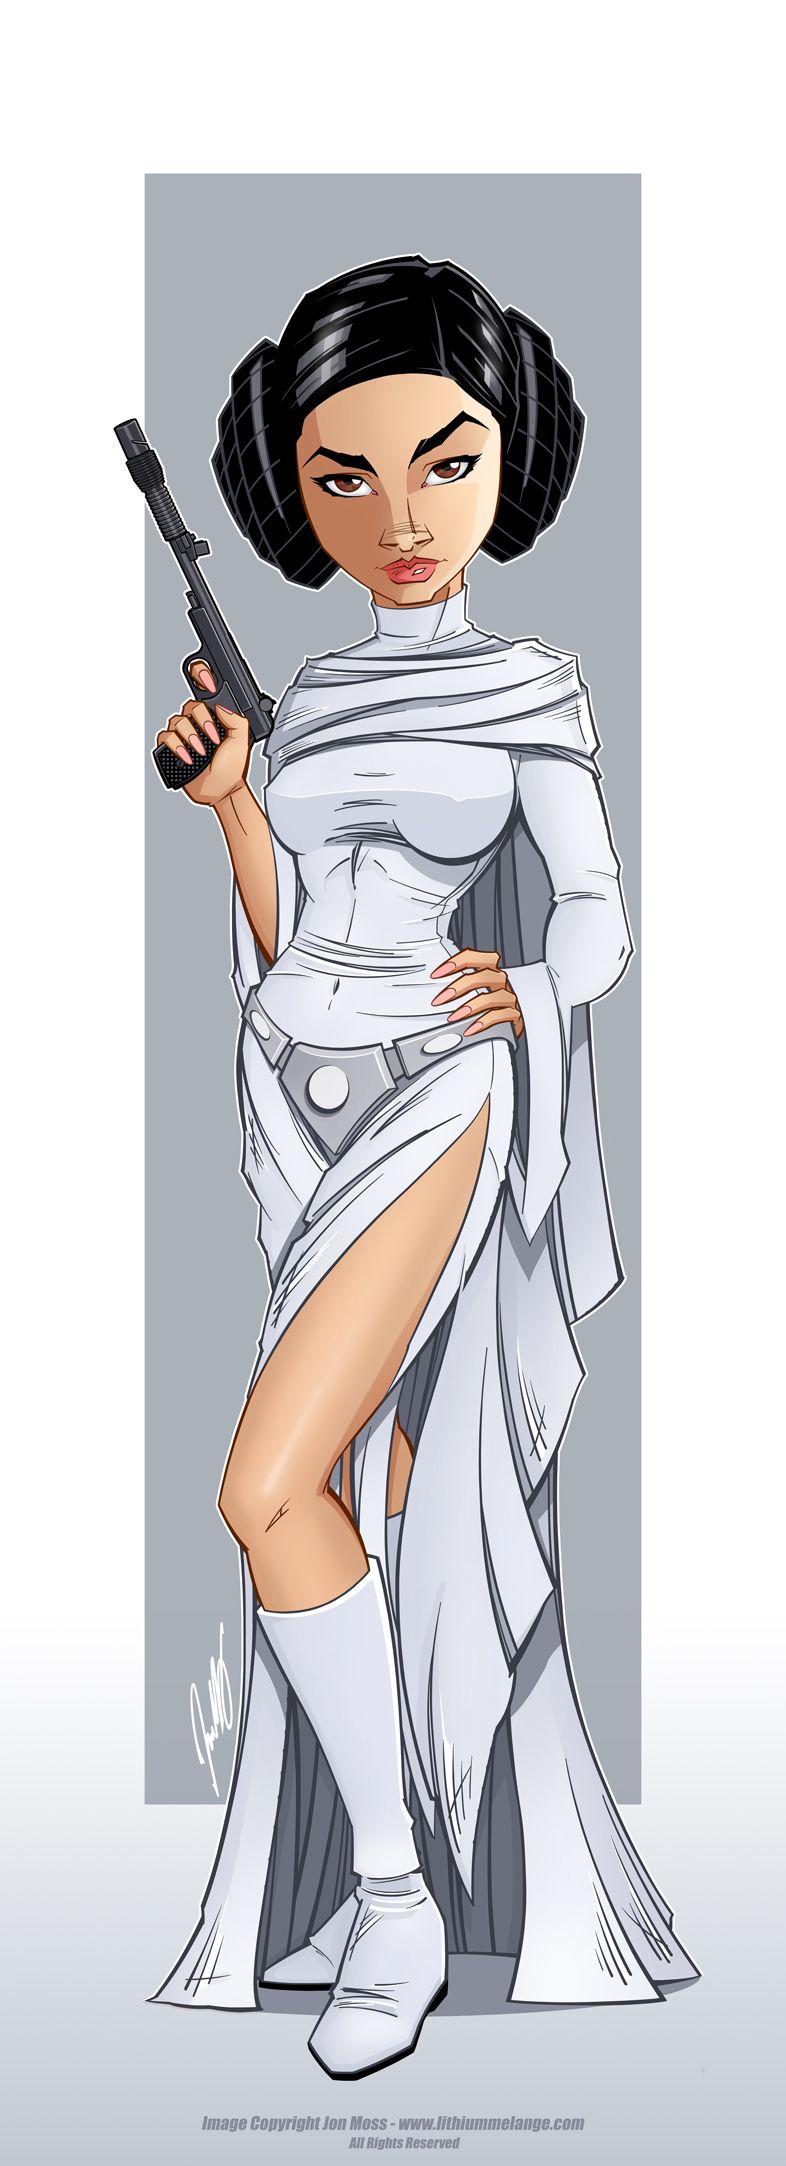 Princess Leia by Jon-Moss.deviantART.com